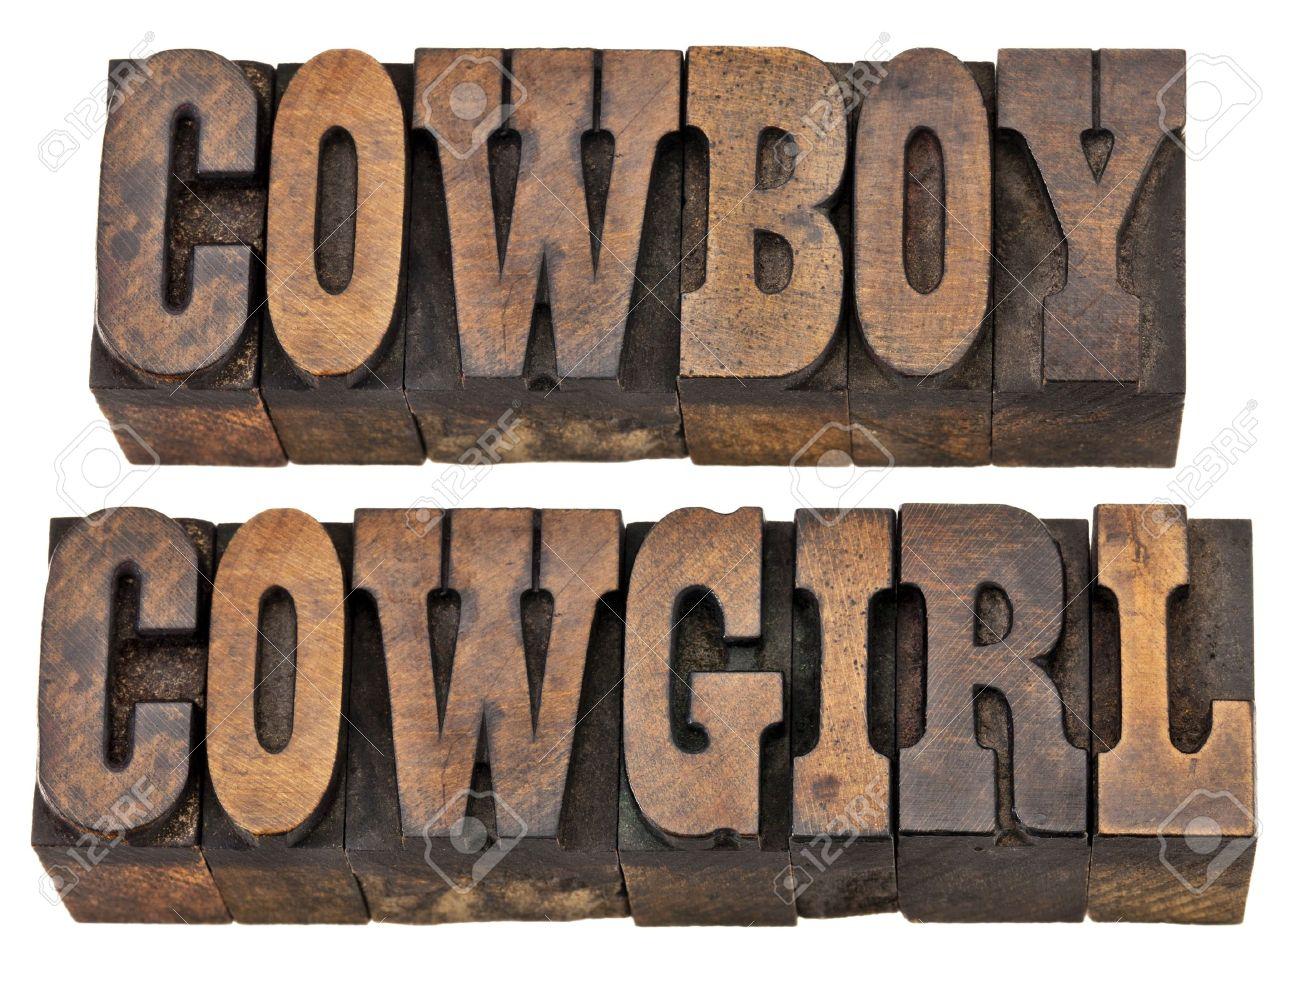 Vaqueros Y Vaqueras Aislado Palabras En El Tipo De Cosecha De